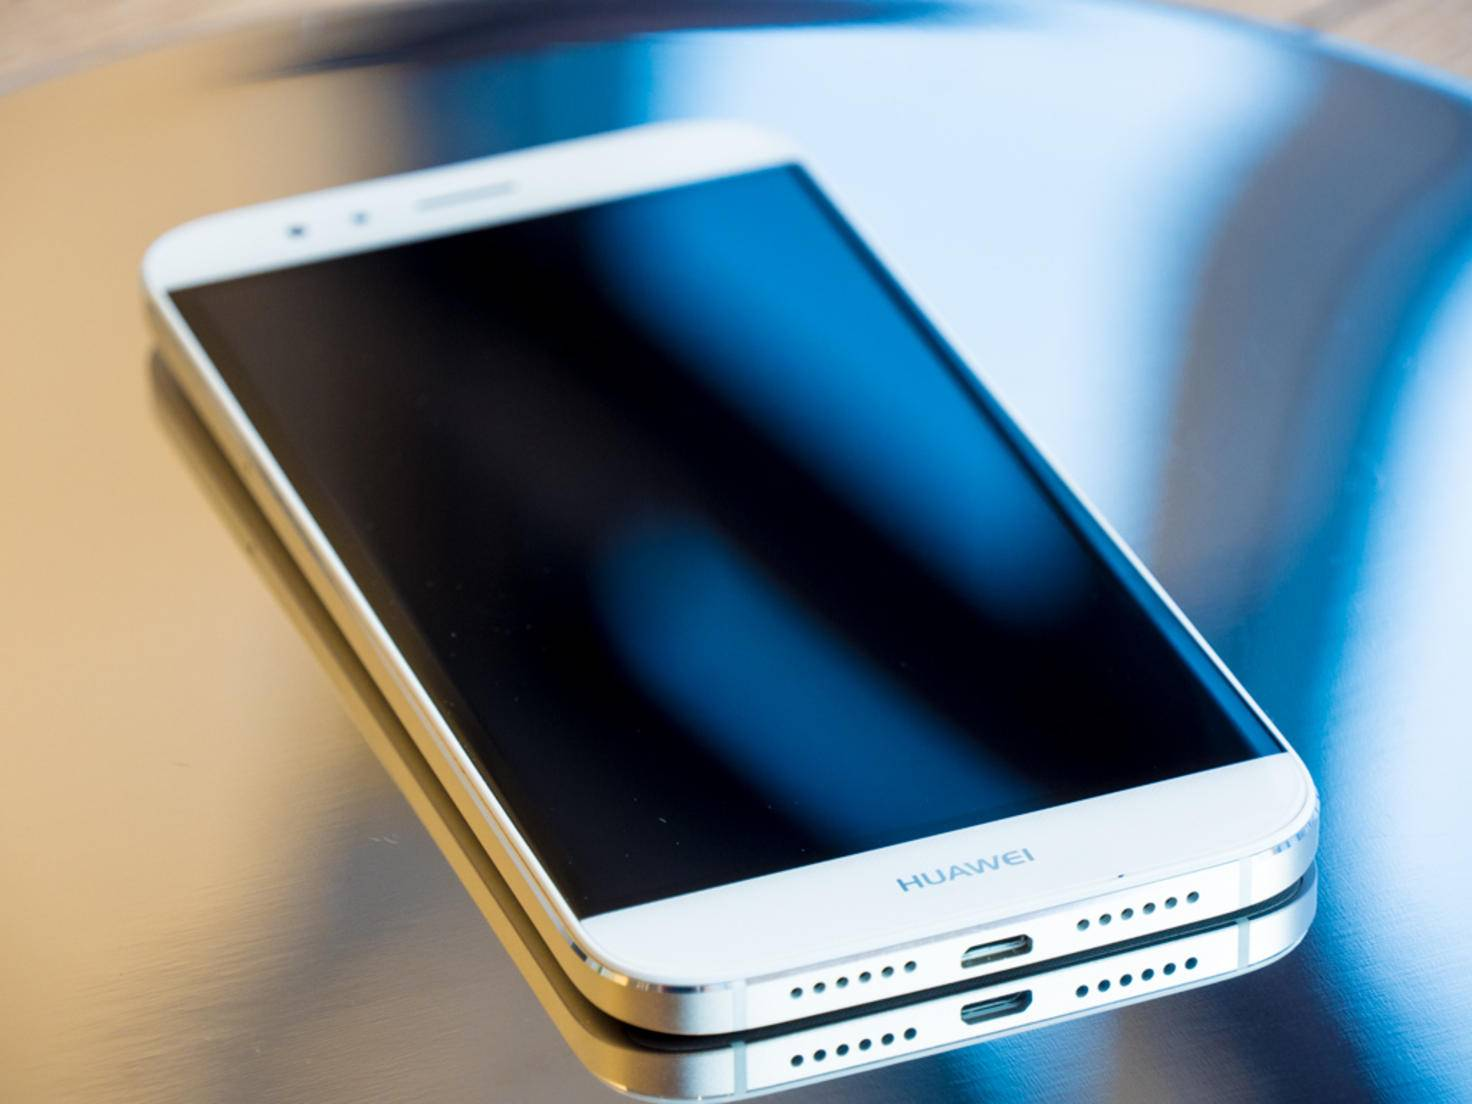 Das Huawei G8 macht einen schicken Eindruck.